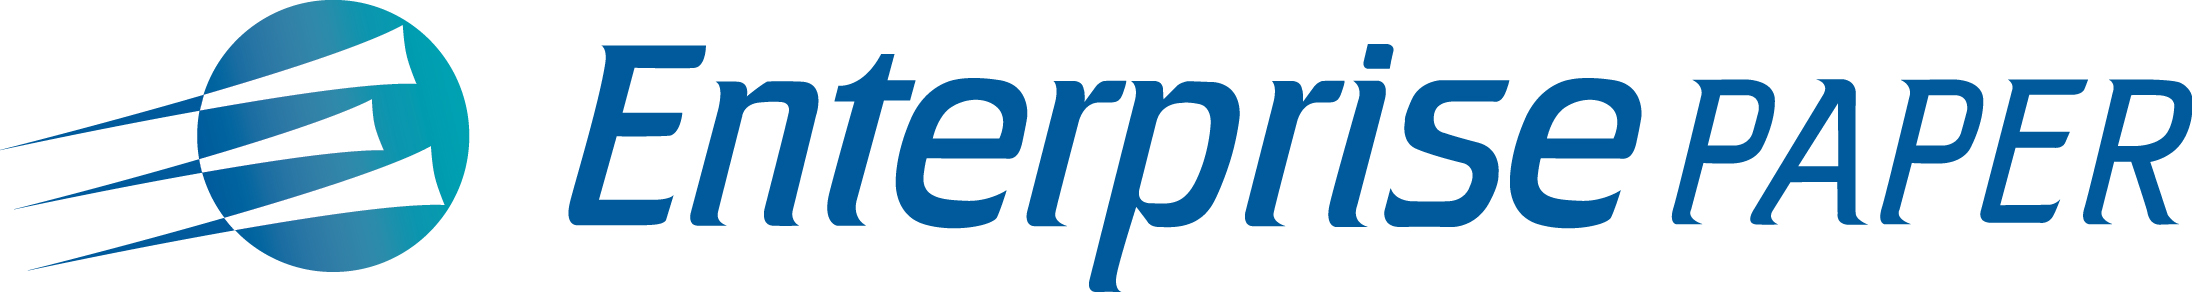 Enterprise Paper